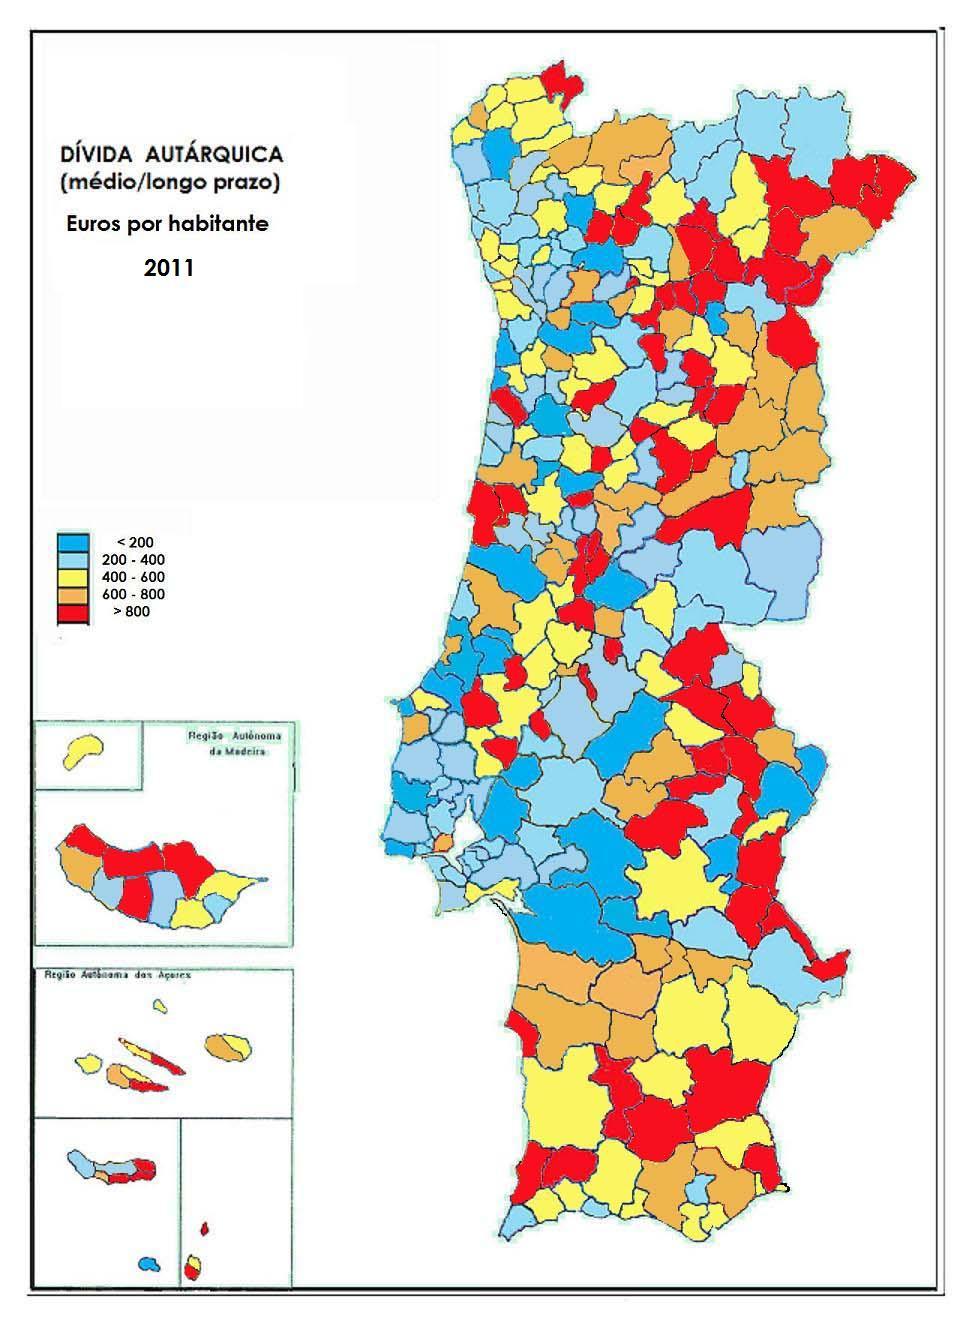 mapa dos municipios de portugal Mapas de Dívida Autárquica per capita (2011) | Limiano Liberal mapa dos municipios de portugal